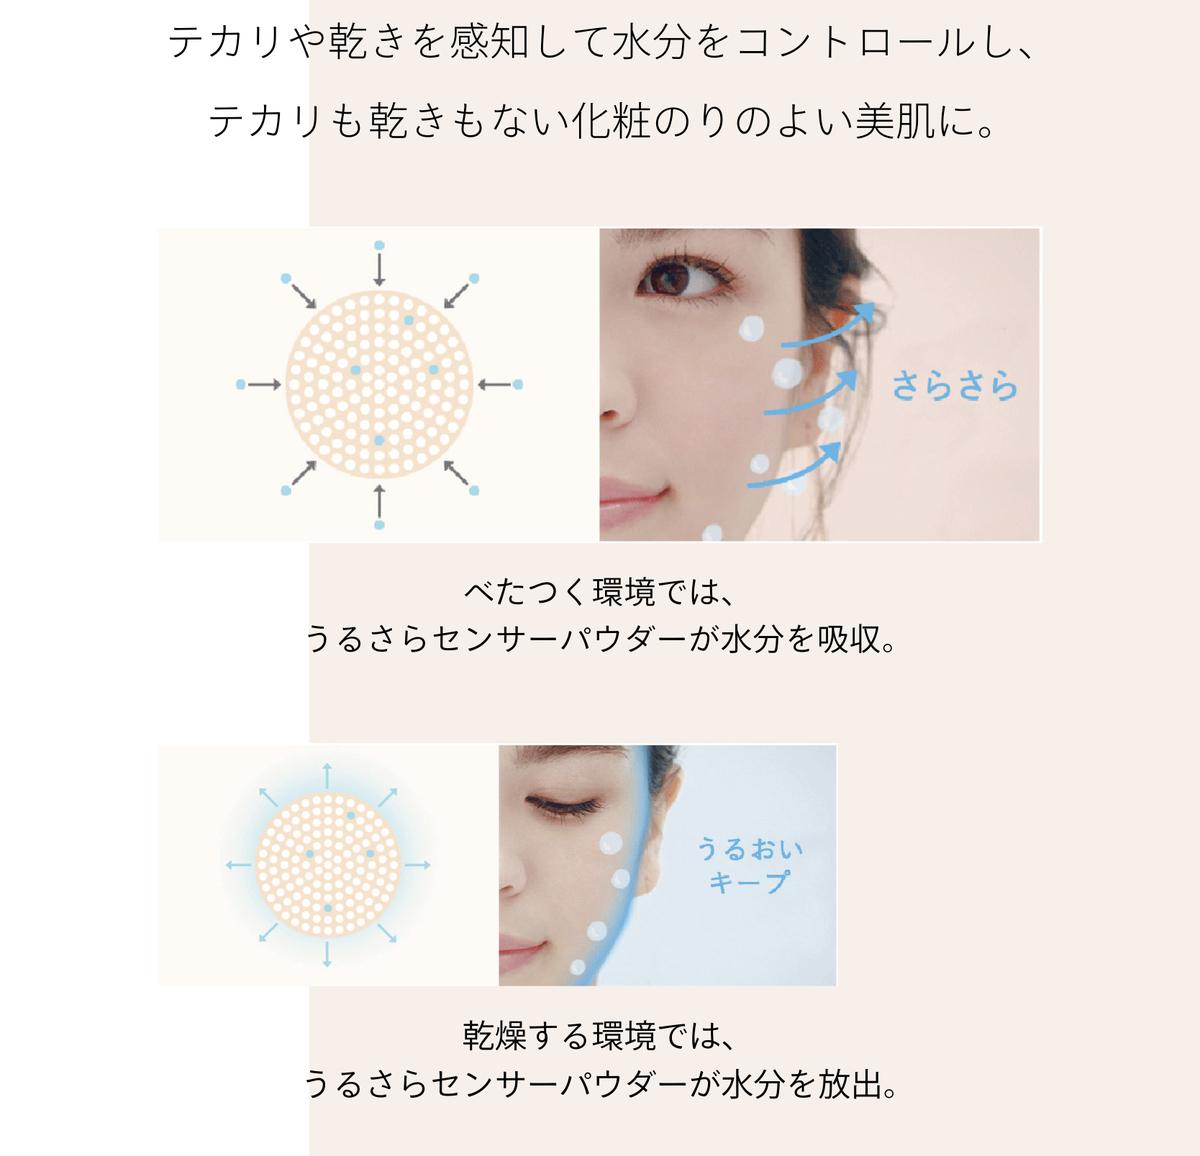 f:id:mei-cosme:20200826013623j:plain